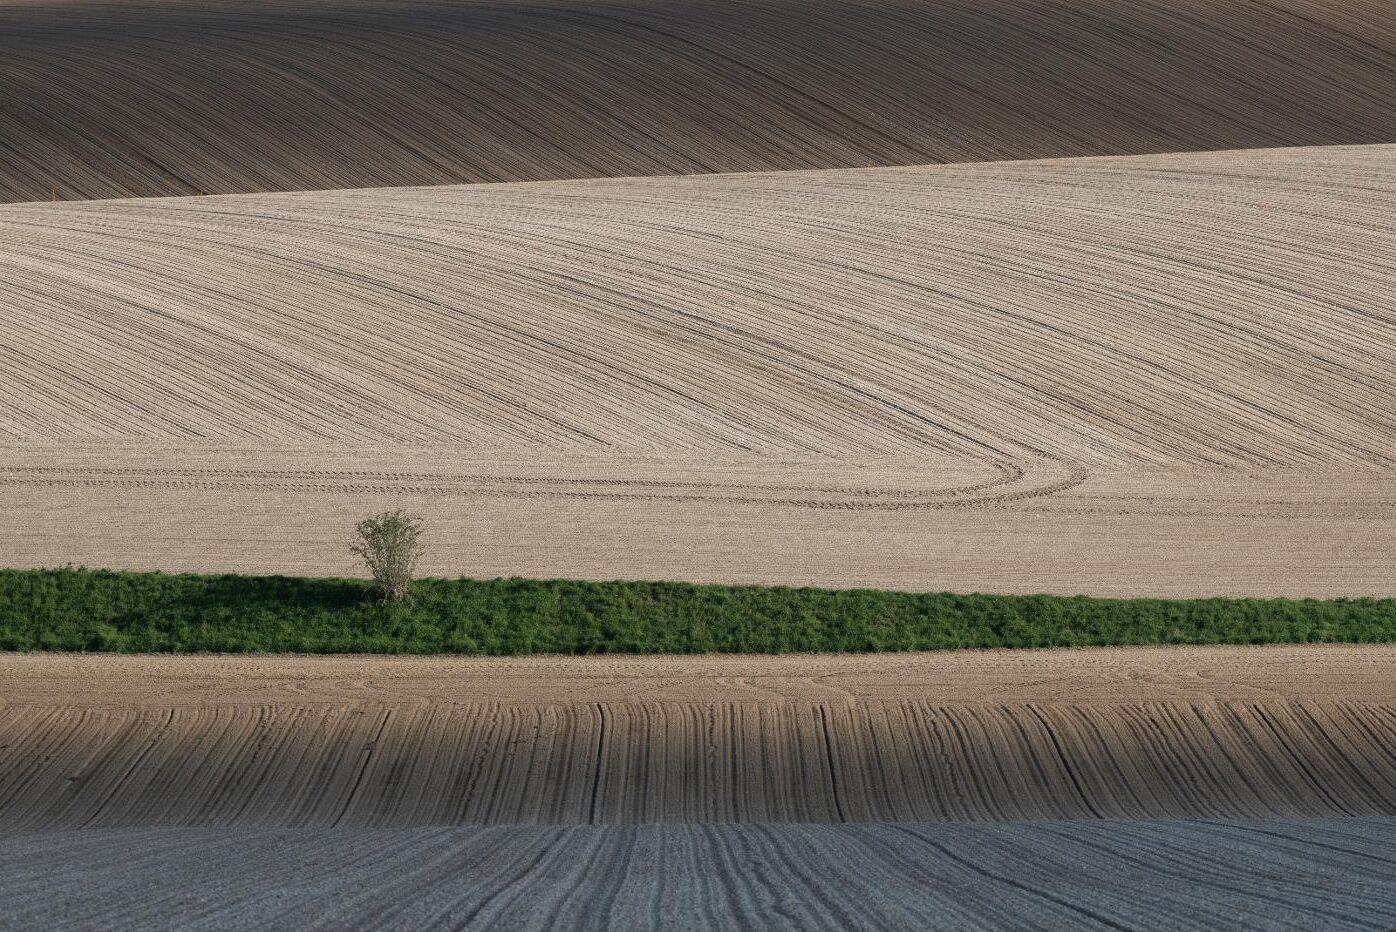 Nu har det franska parlamentet godkänt en lagändring som innebär att odlarna får dispens från . Arkivbild.